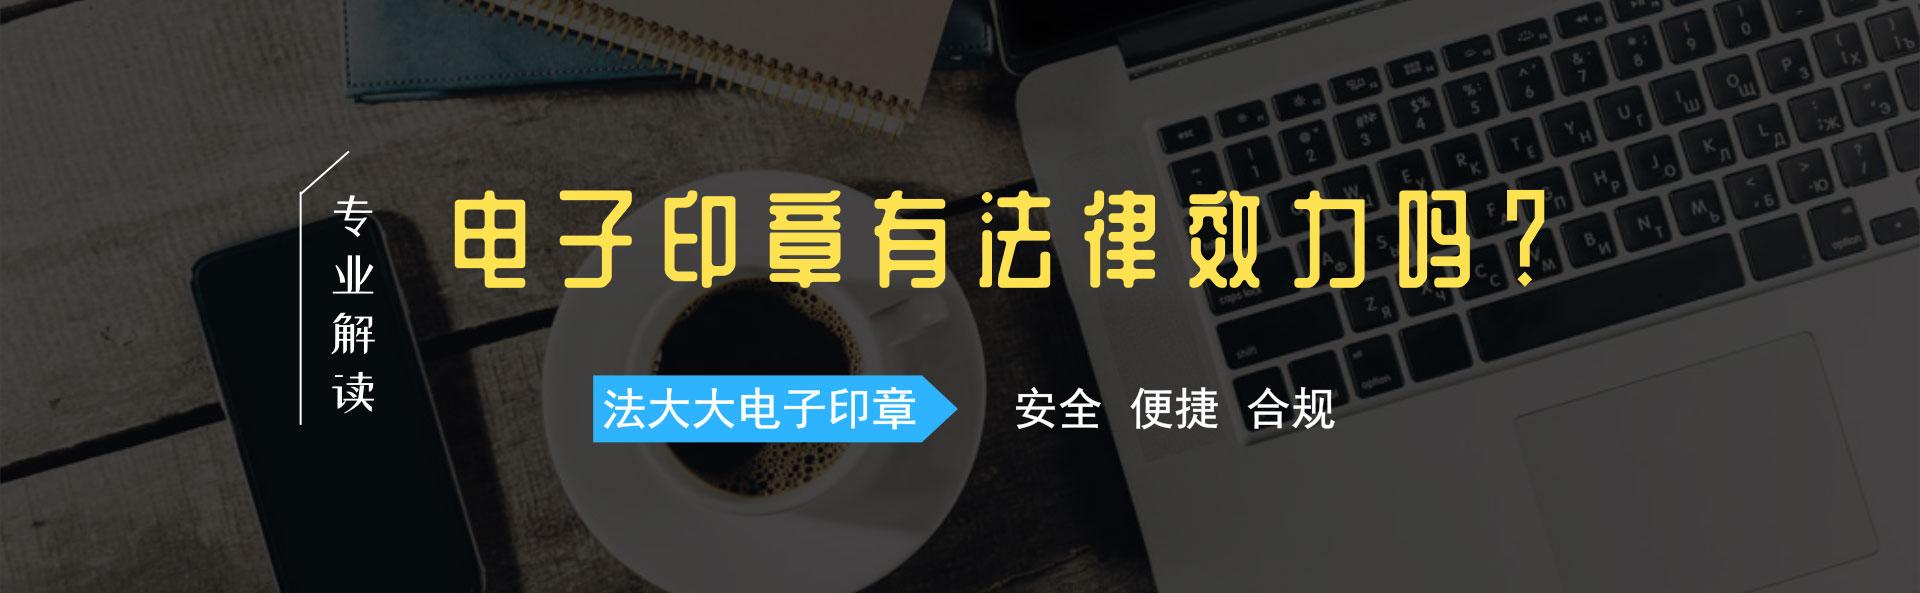 【电子印章_电子印章知识,制作,行业应用】电子印章专题-法大大